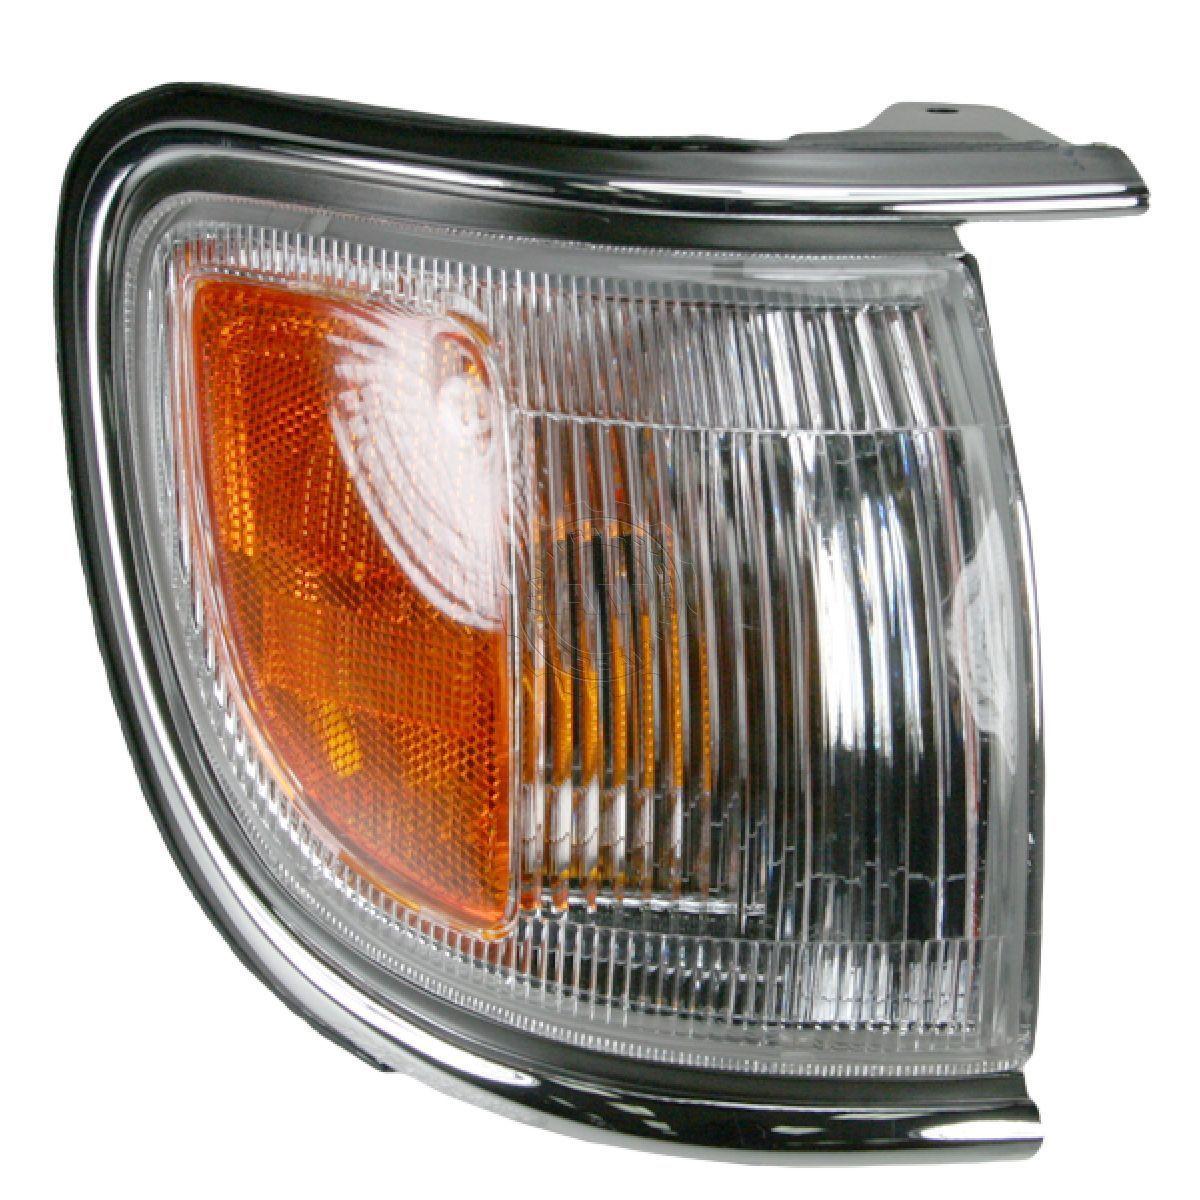 USコーナーライト Chrome Corner Parking Marker Turn Lamp Light Right Side For 96-99 Pathfinder クロークコーナーパーキングマーカーは、96-99パスファインダーのためにランプライトの右側を回します